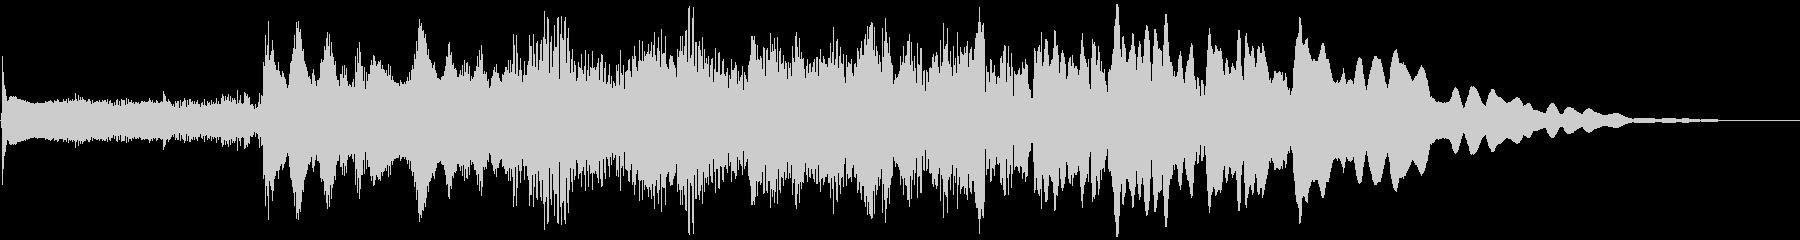 サウンドロゴ、爽やかフレッシュ場面転換 の未再生の波形